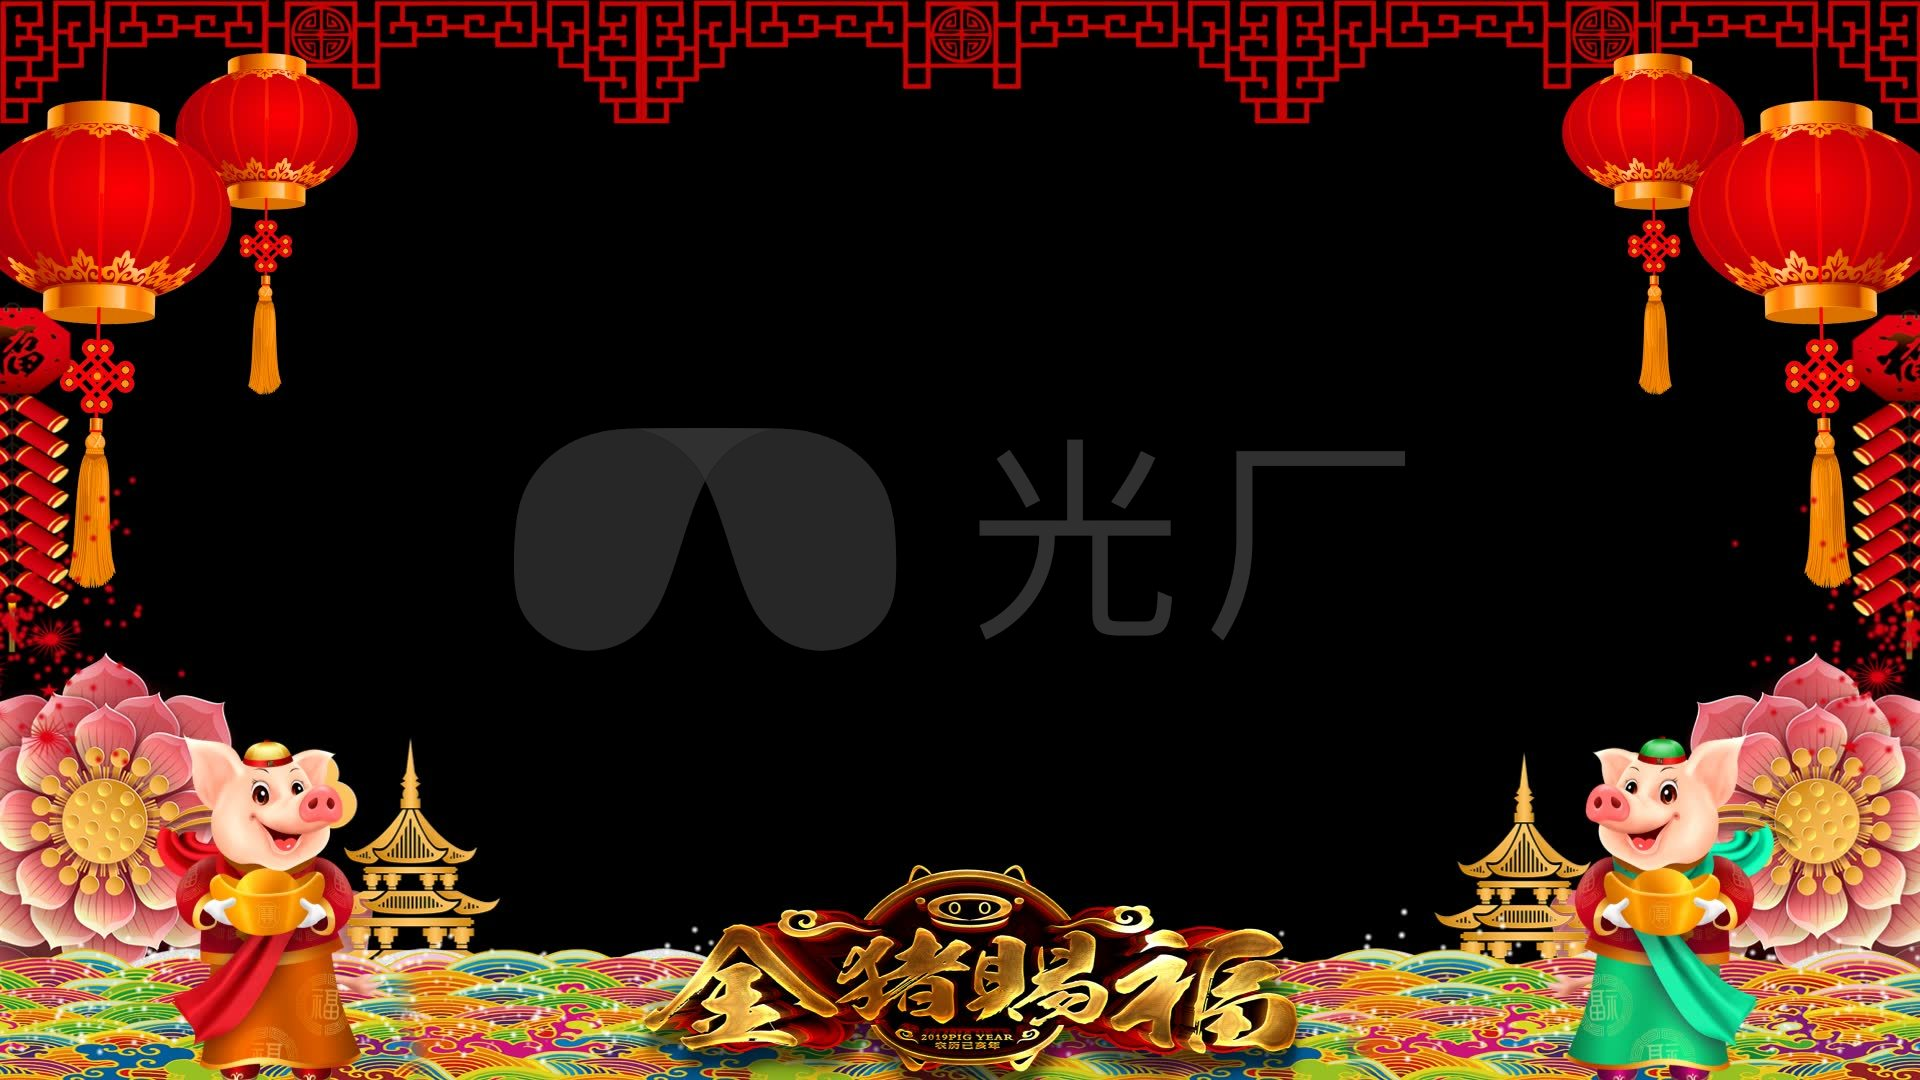 2019金猪赐福新年春边框通道_1920x1080_高清视频素材